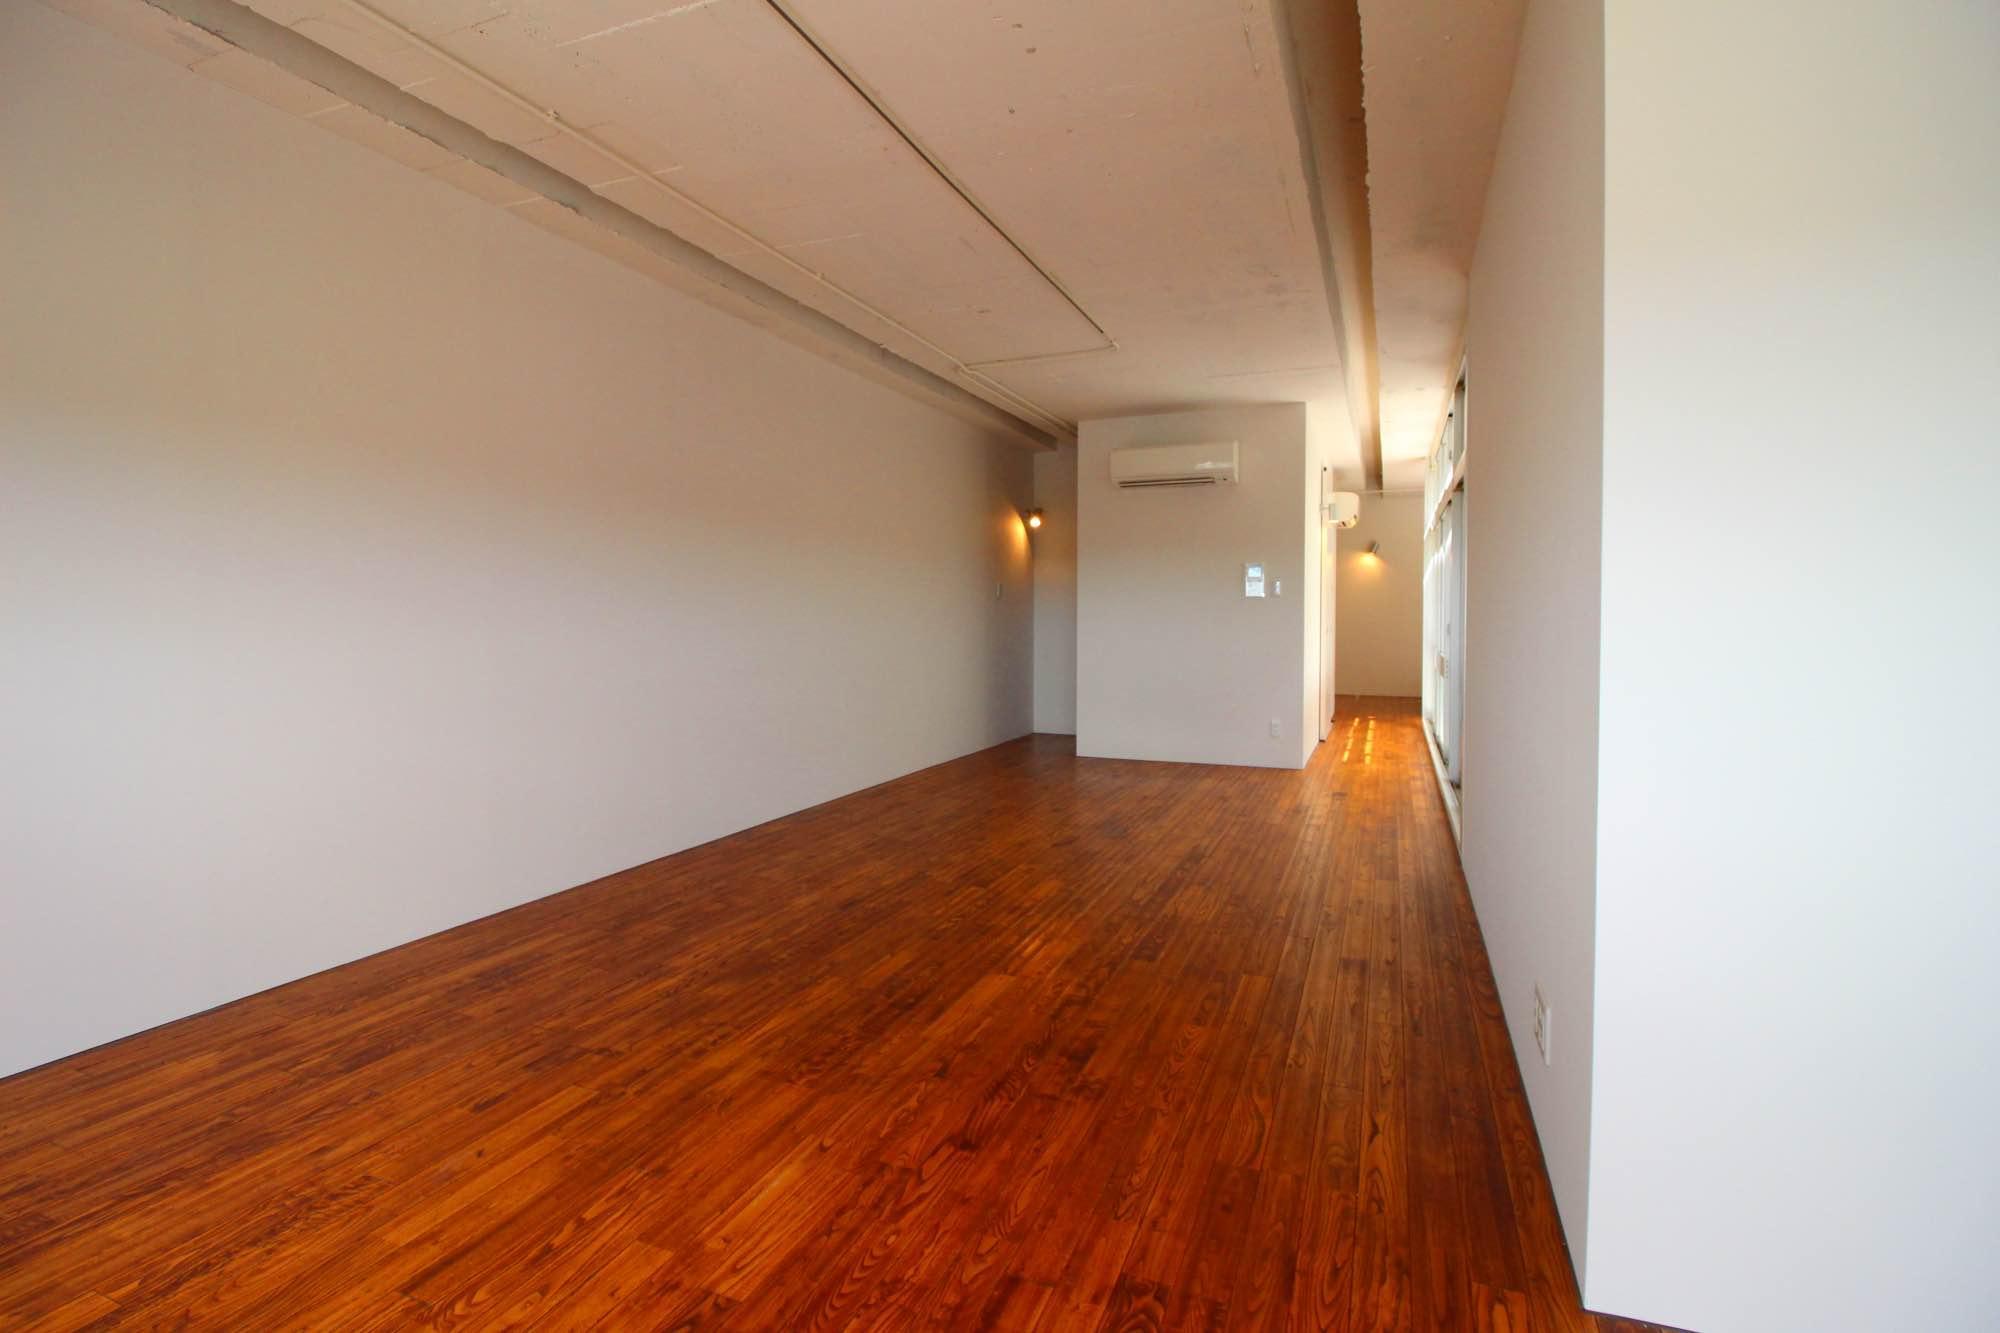 縦に走る天井の溝が長さを強調。照明はライティングレールになってます。(402号室)